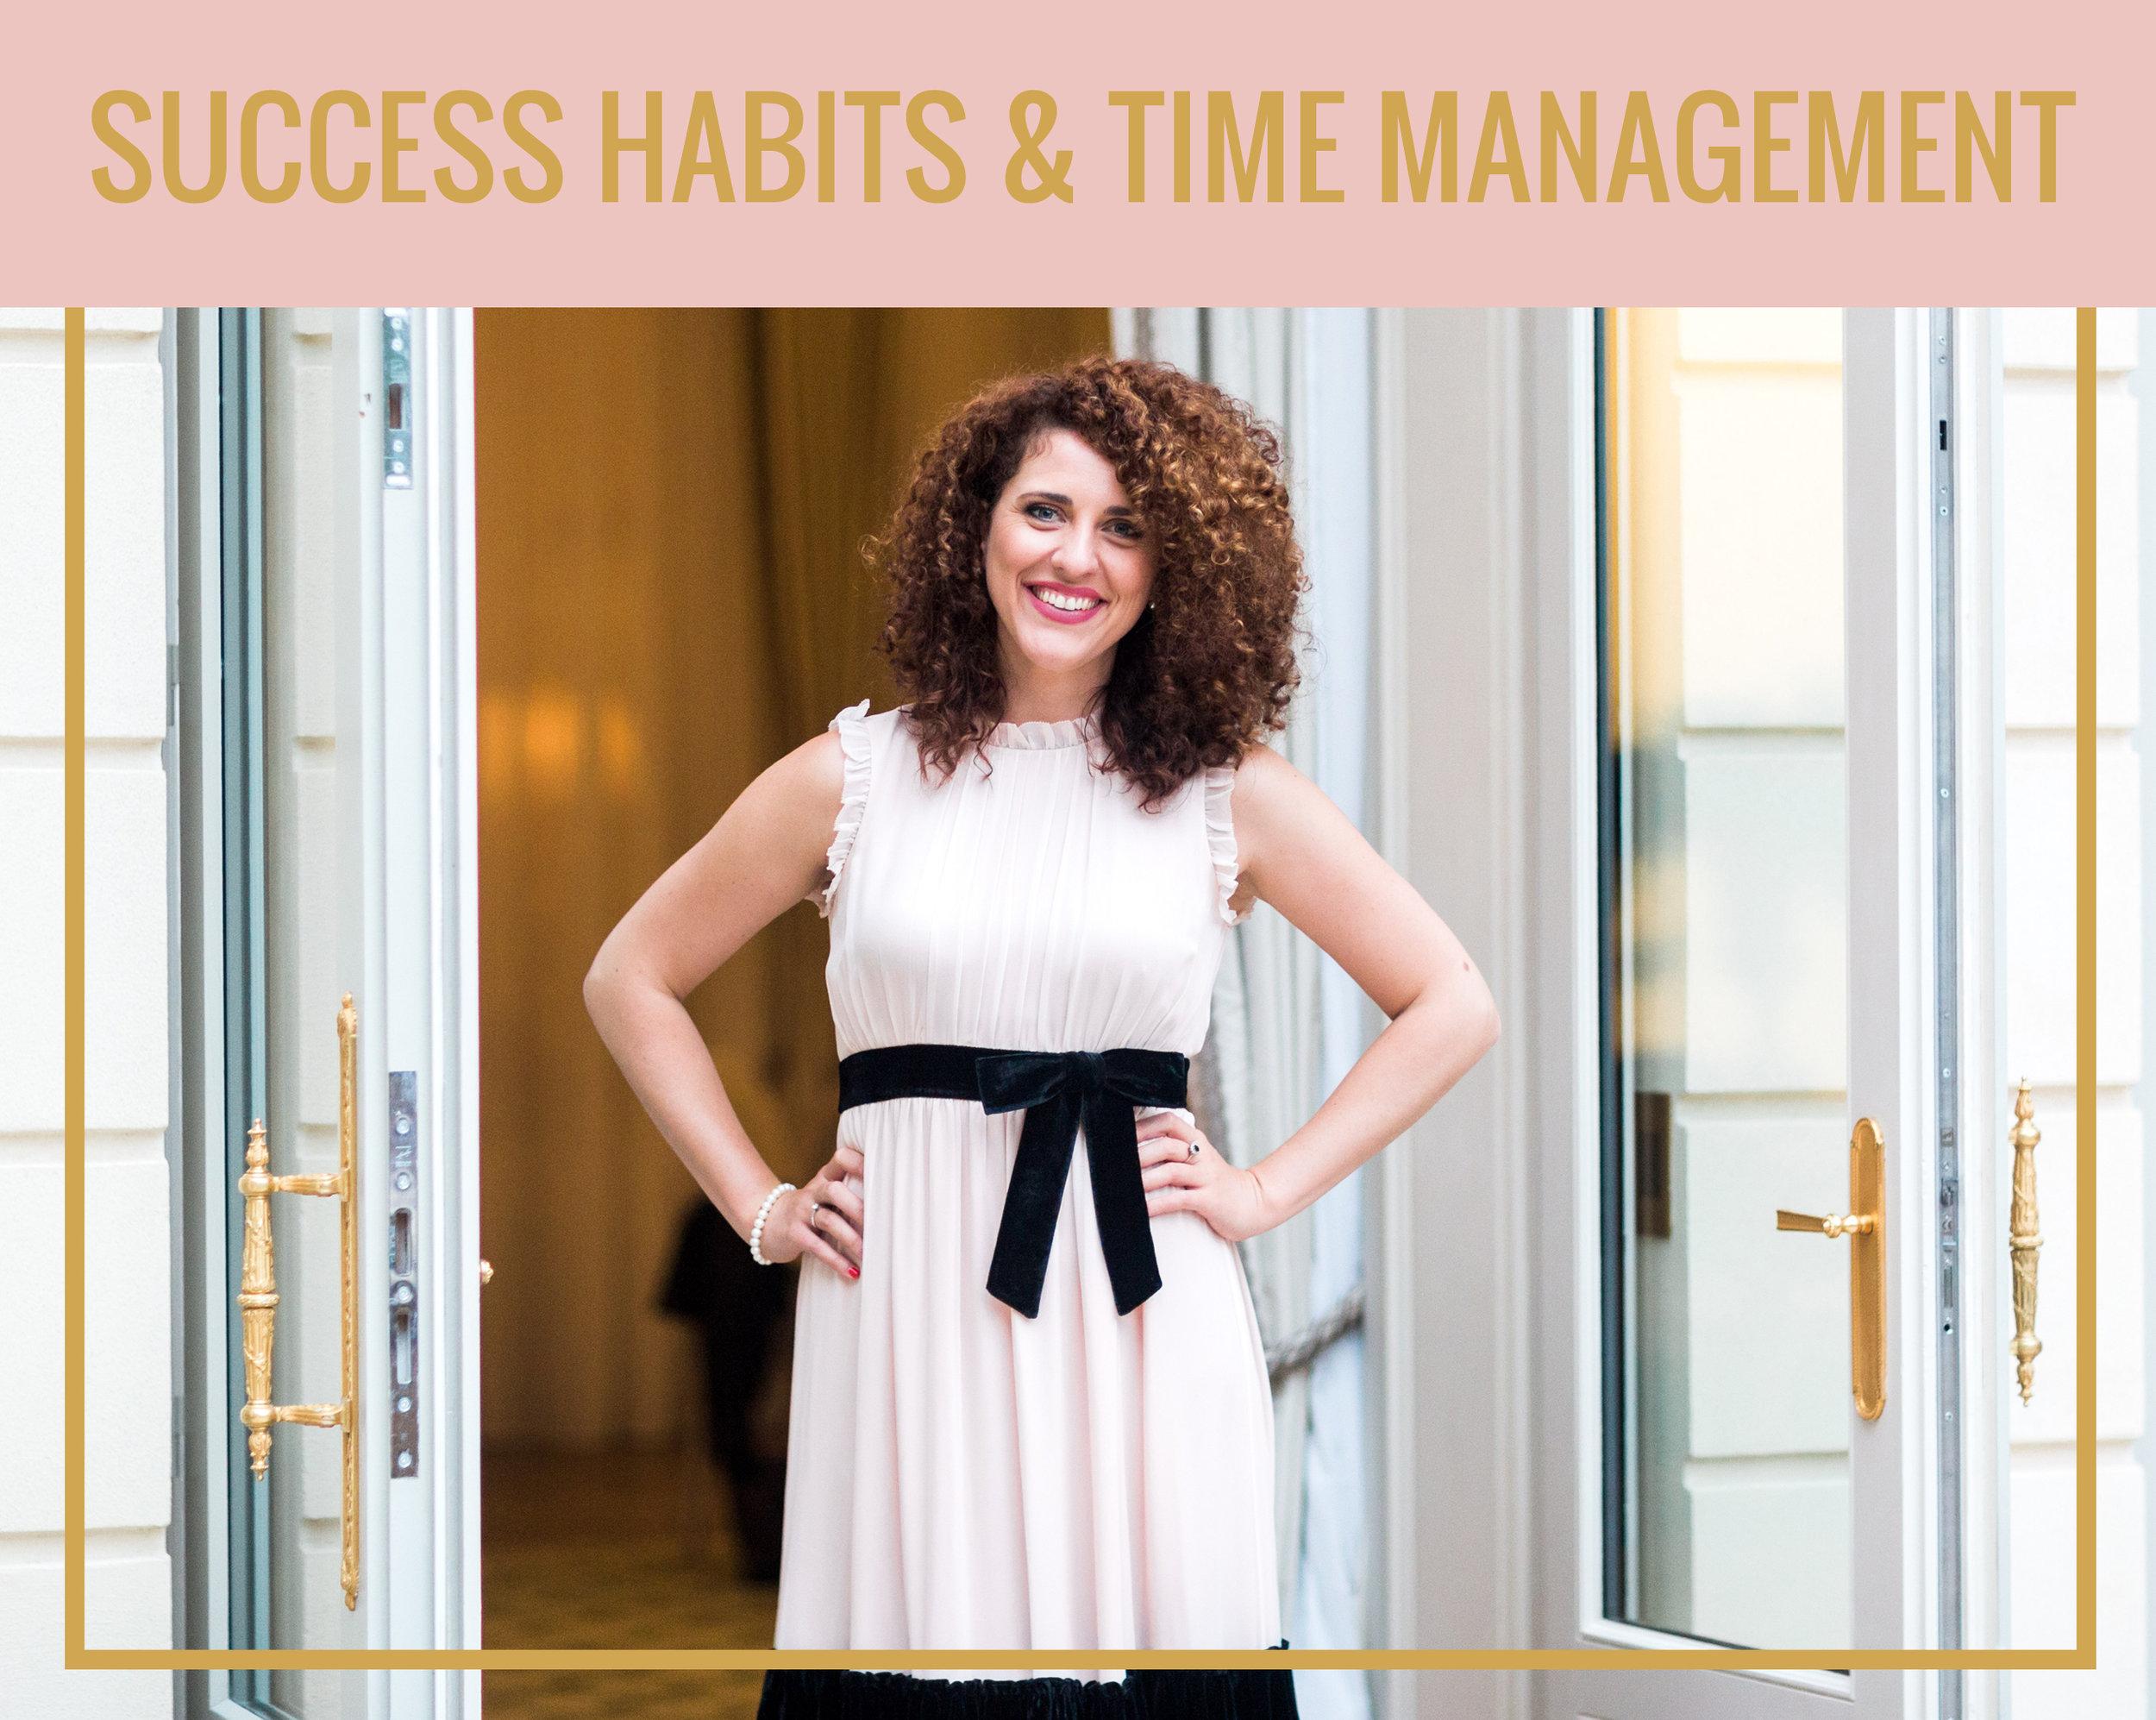 SUCCESS-HABITS-&-TIME-MANAGEMENT (3).jpg